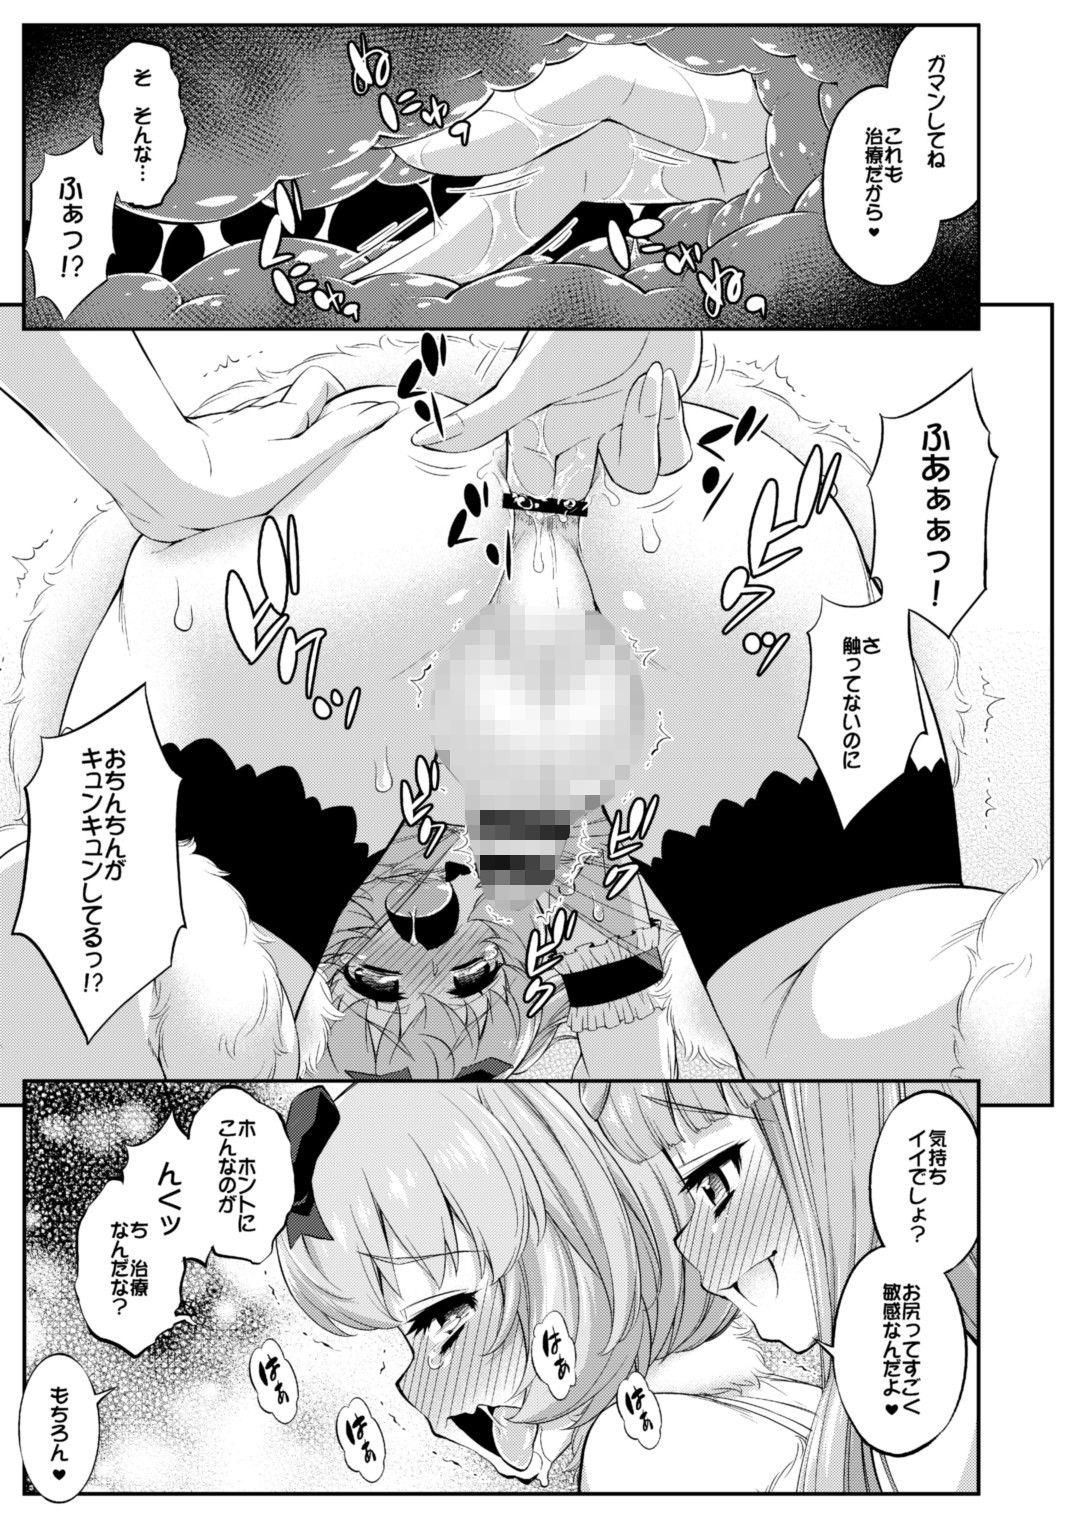 あばたー☆とらんす!12